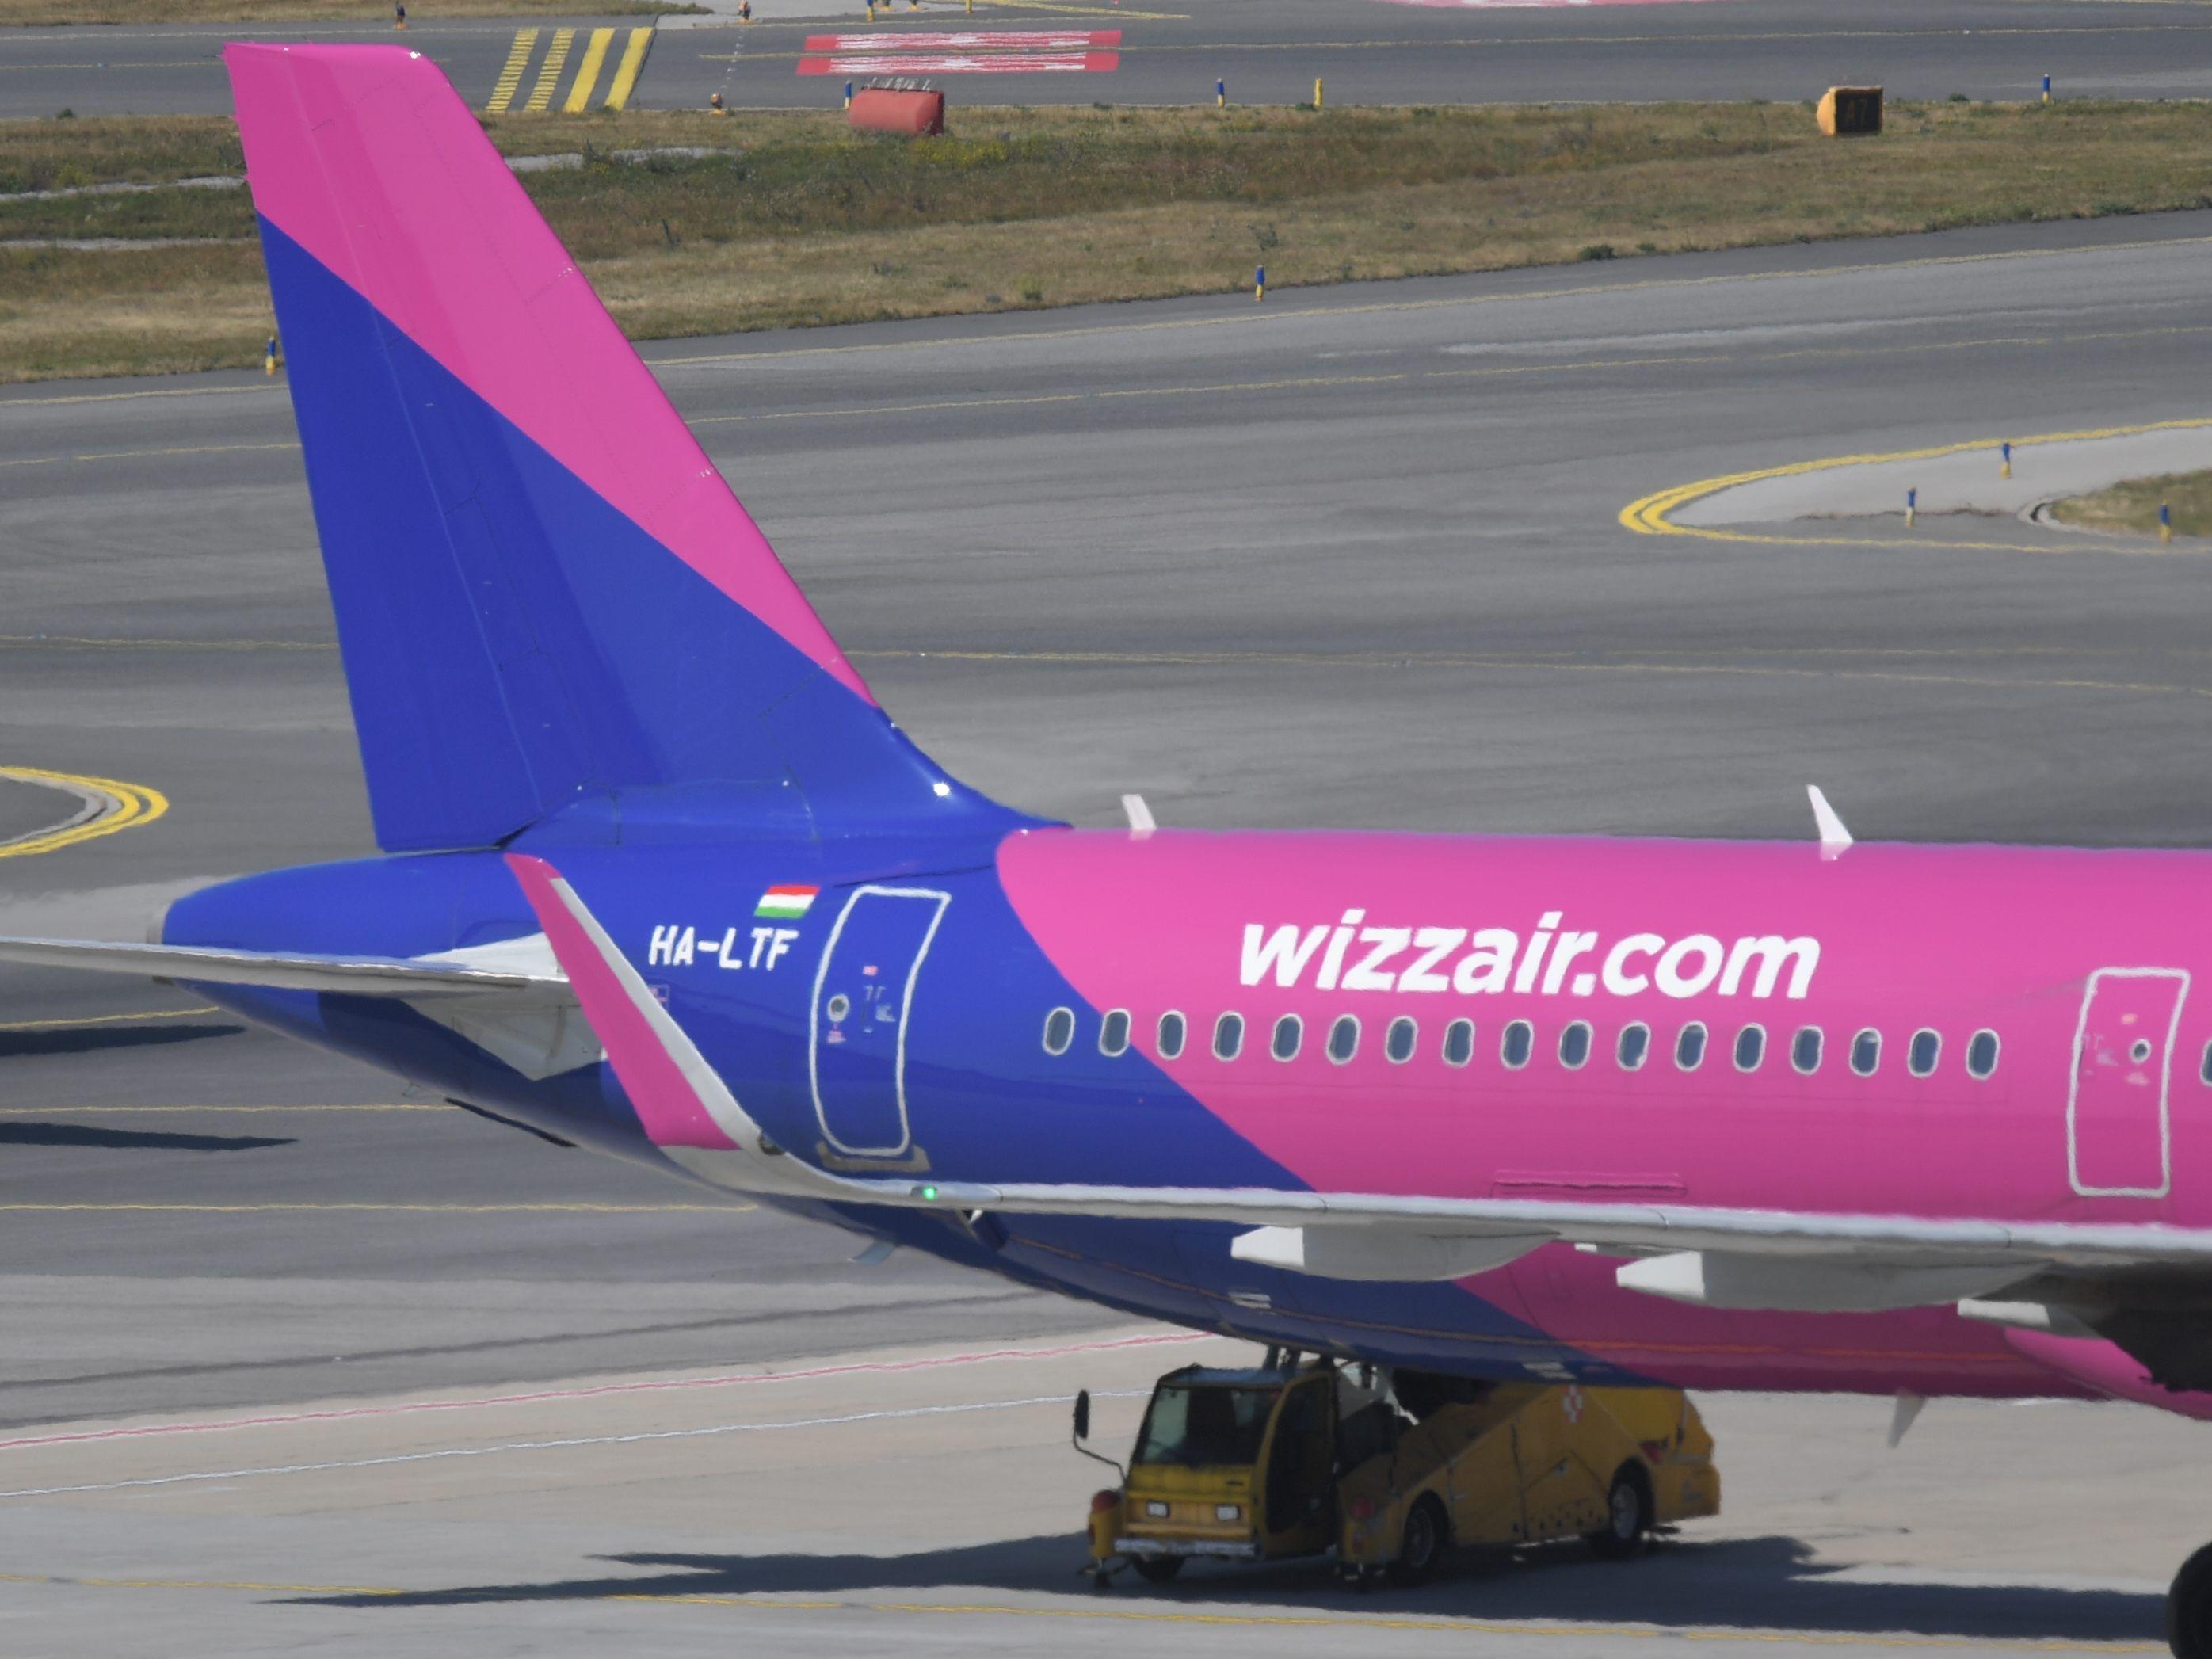 Flug Abgesagt Wizz Air Zahlt Vorerst Kein Geld Mehr Zuruck Coronavirus Wien Vienna At